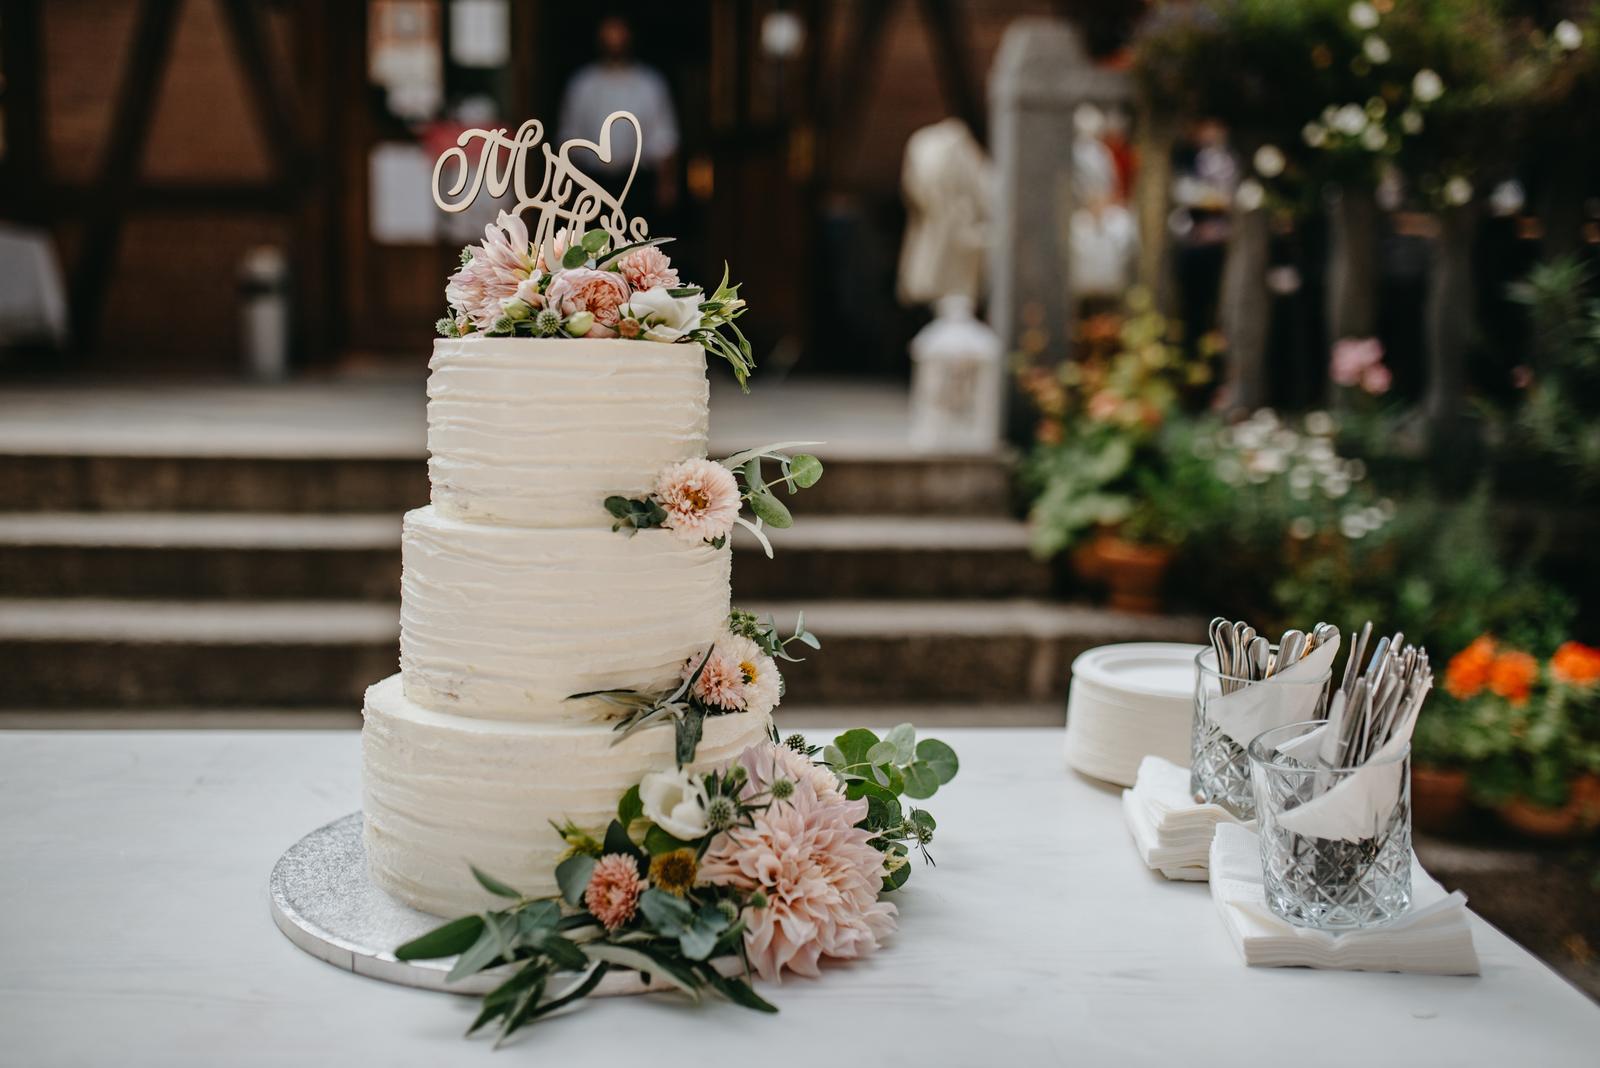 Náš svatební dort -... - Obrázek č. 1